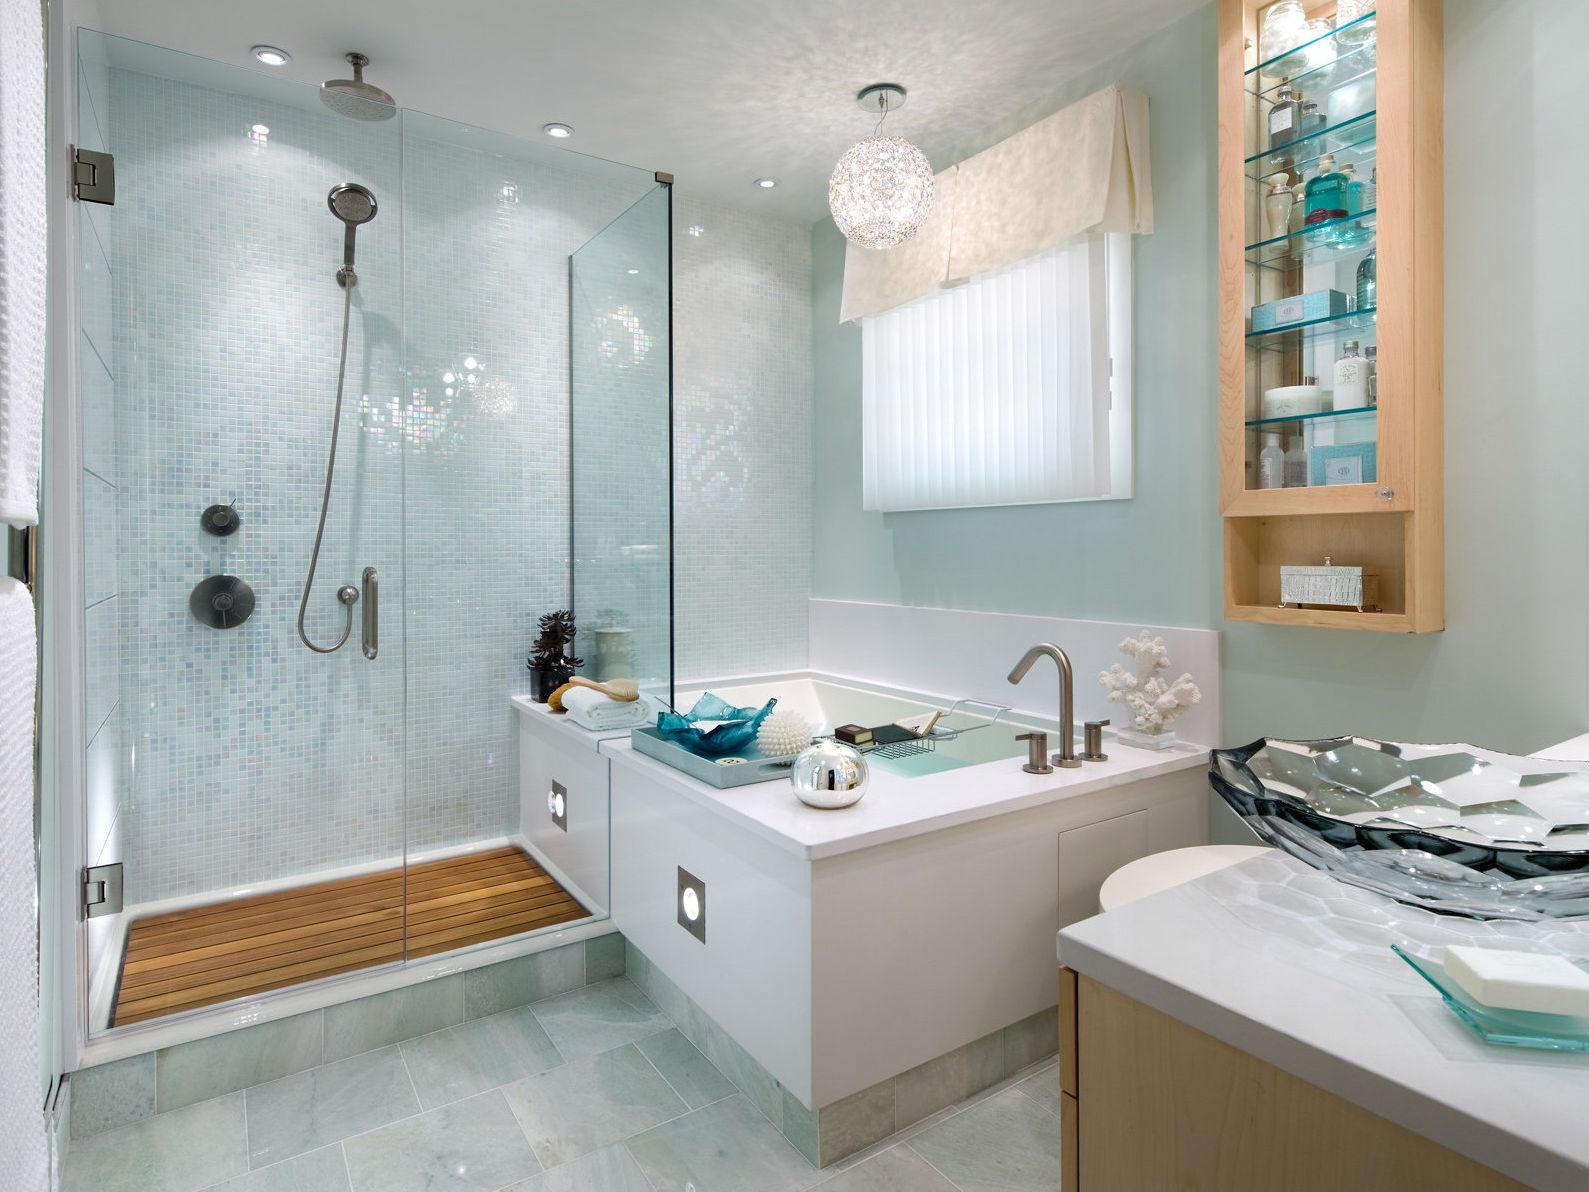 Трудности и возможности дизайна ванной комнаты 6 кв. м.